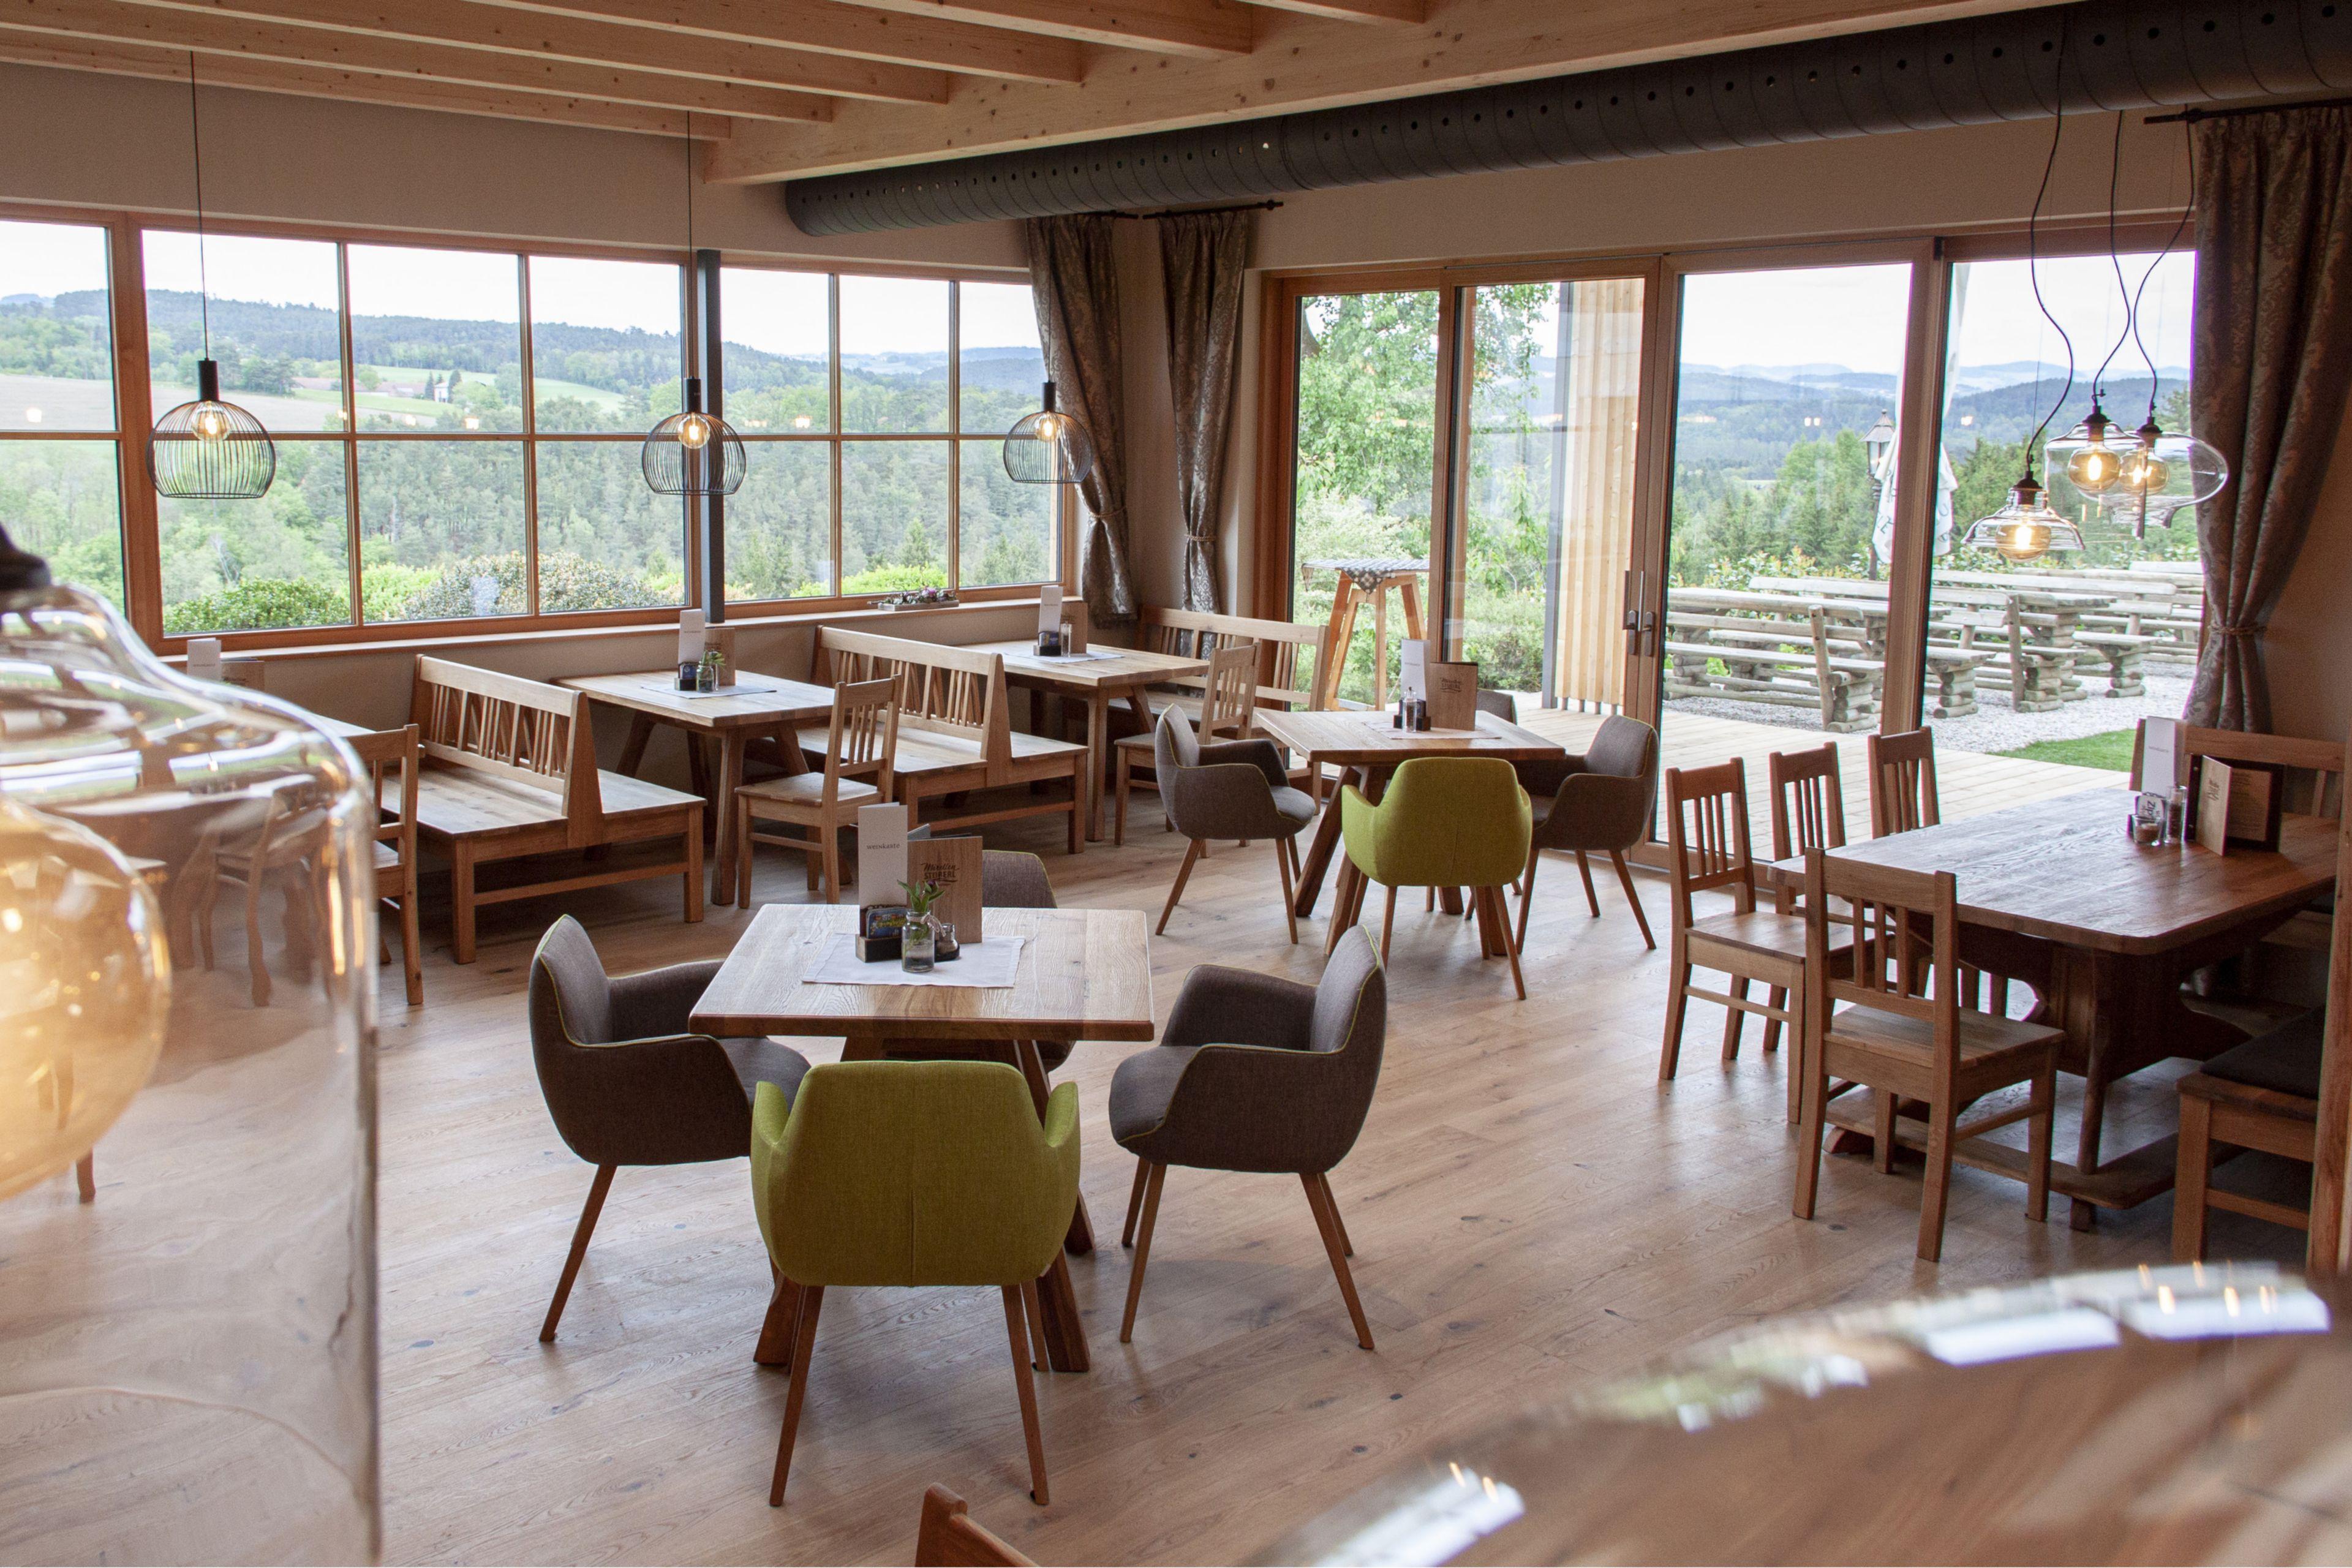 Heimelige Holzverkleidung und moderne Möbel sorgen für Wohlbefinden